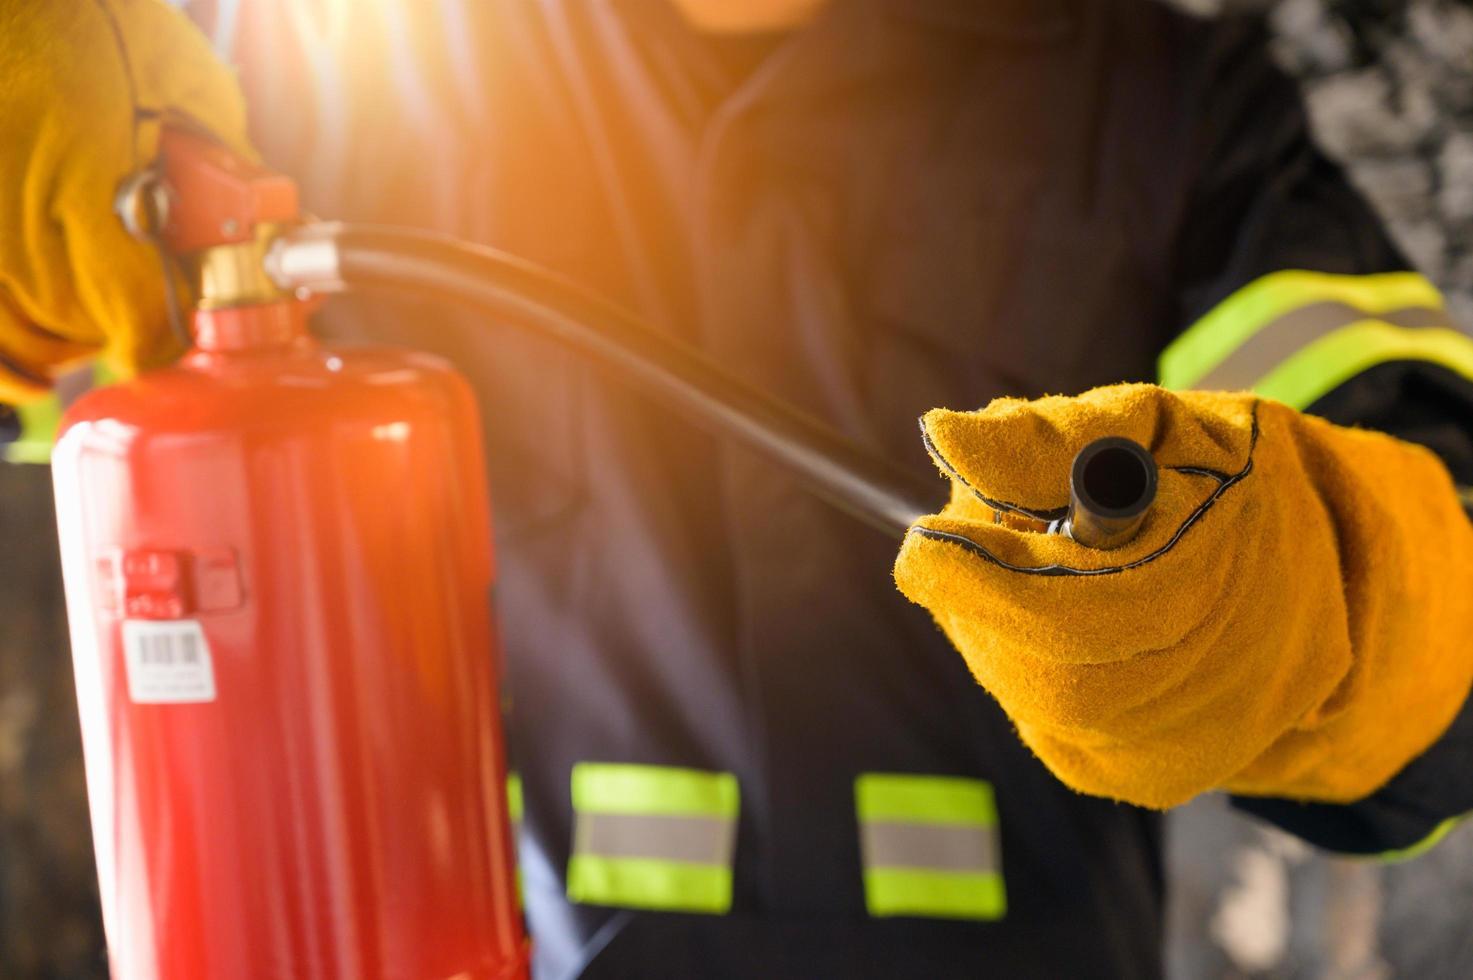 brandweerman met brandblusser foto